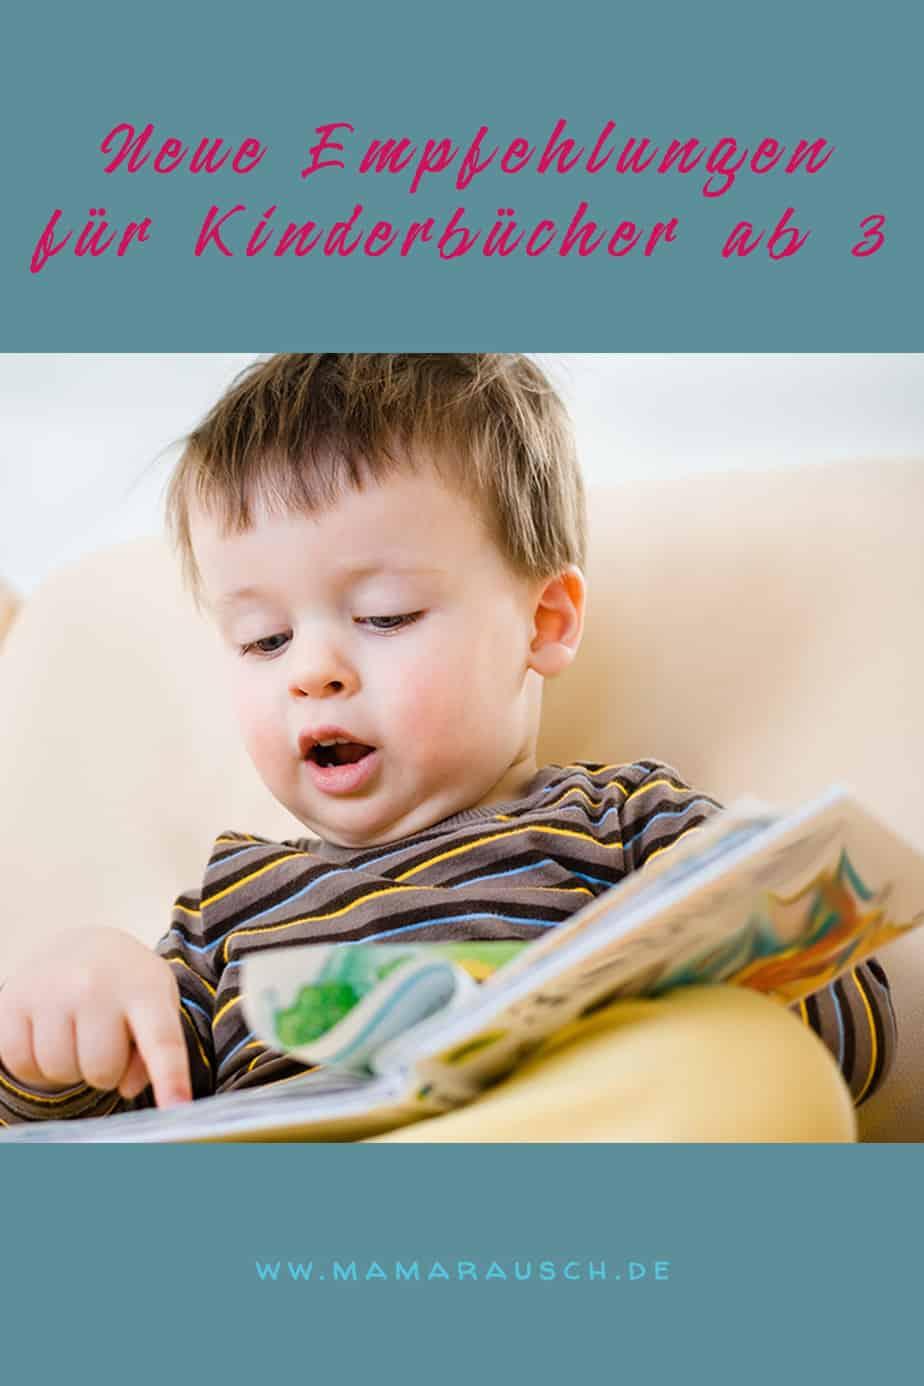 Lieblingsbücher für 3-Jährige Jungen - Bücher, die tolle Geschenke für kleine Kinder darstellen und ihre Berechtigung in jedem Kinderbuchregal haben! Tipp!